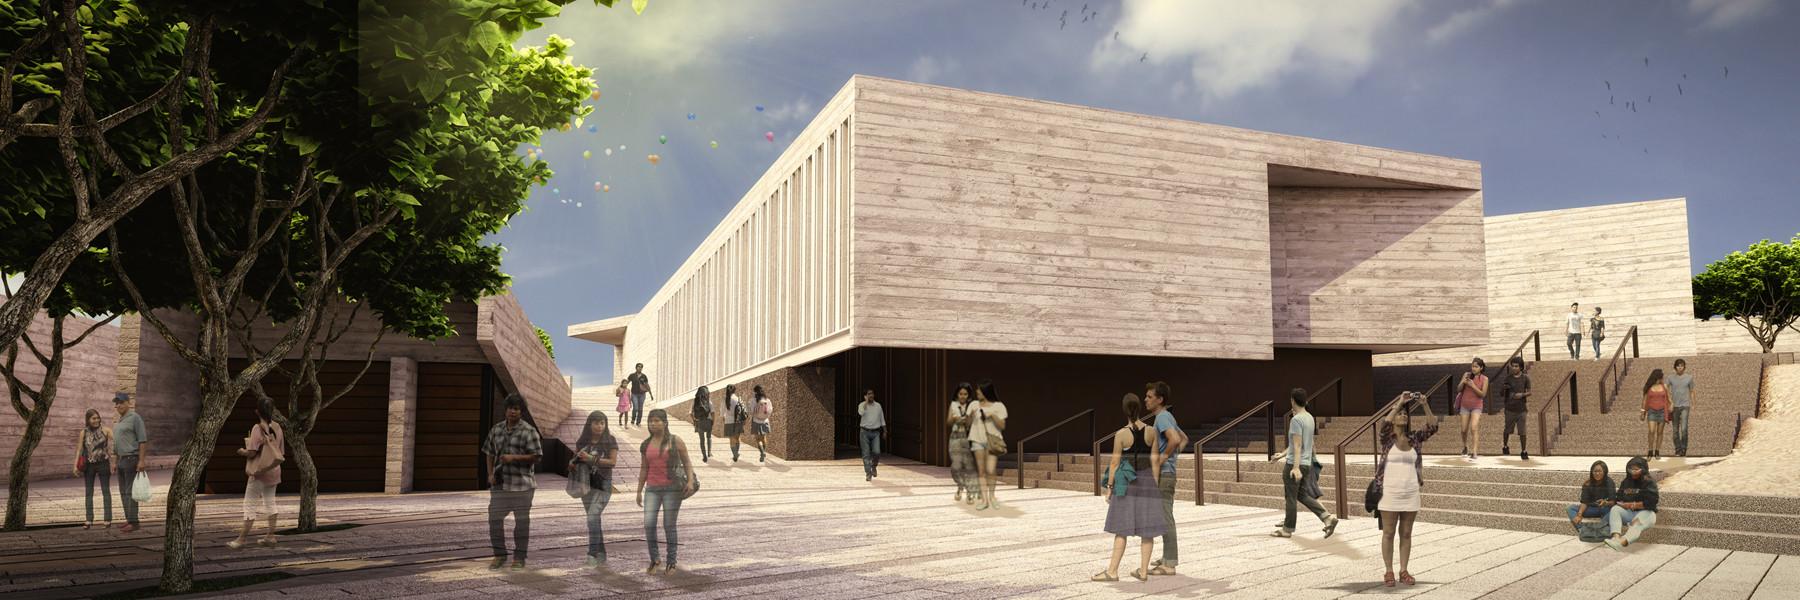 Imagen Plaza / Museo de Pachacamac . Image Courtesy of Llosa Cortegana Arquitectos